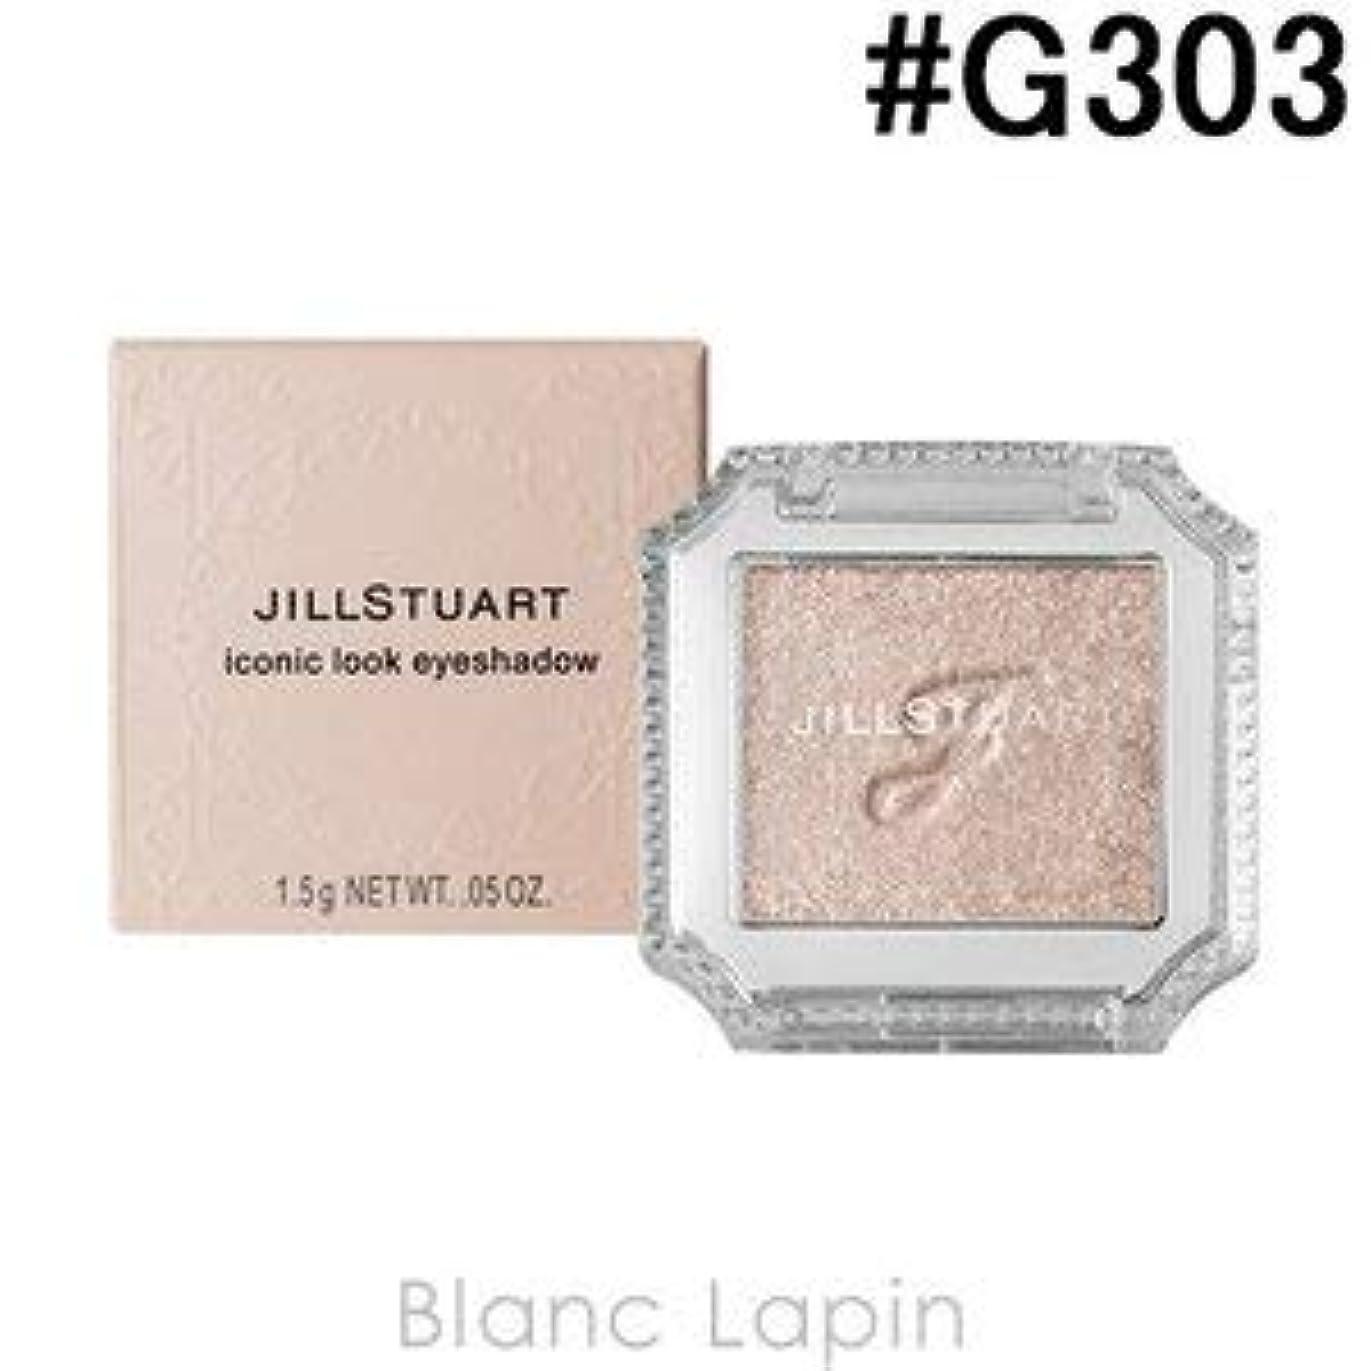 拳肌寒い餌ジルスチュアート JILL STUART アイコニックルックアイシャドウ #G303 bring happiness 1.5g